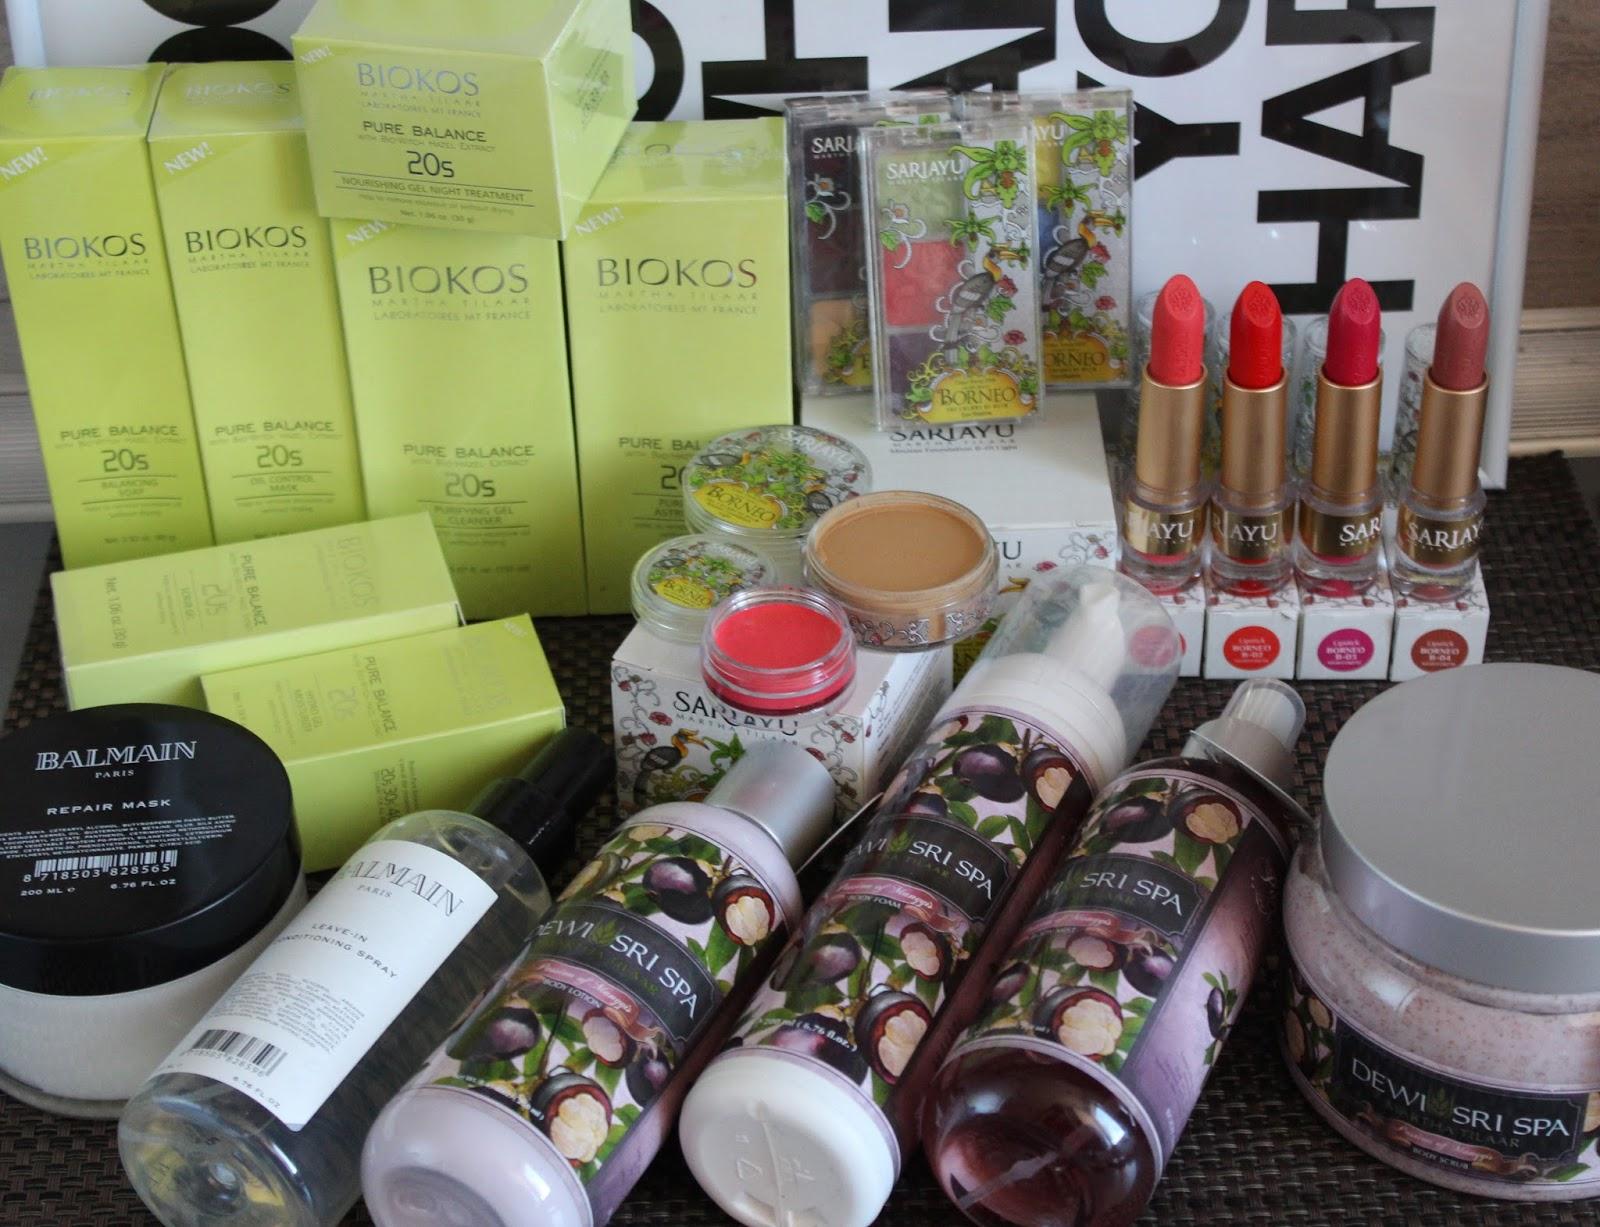 Novi brandovi na našem tržištu - Biokos, Sariayu i Dewi Sri Spa